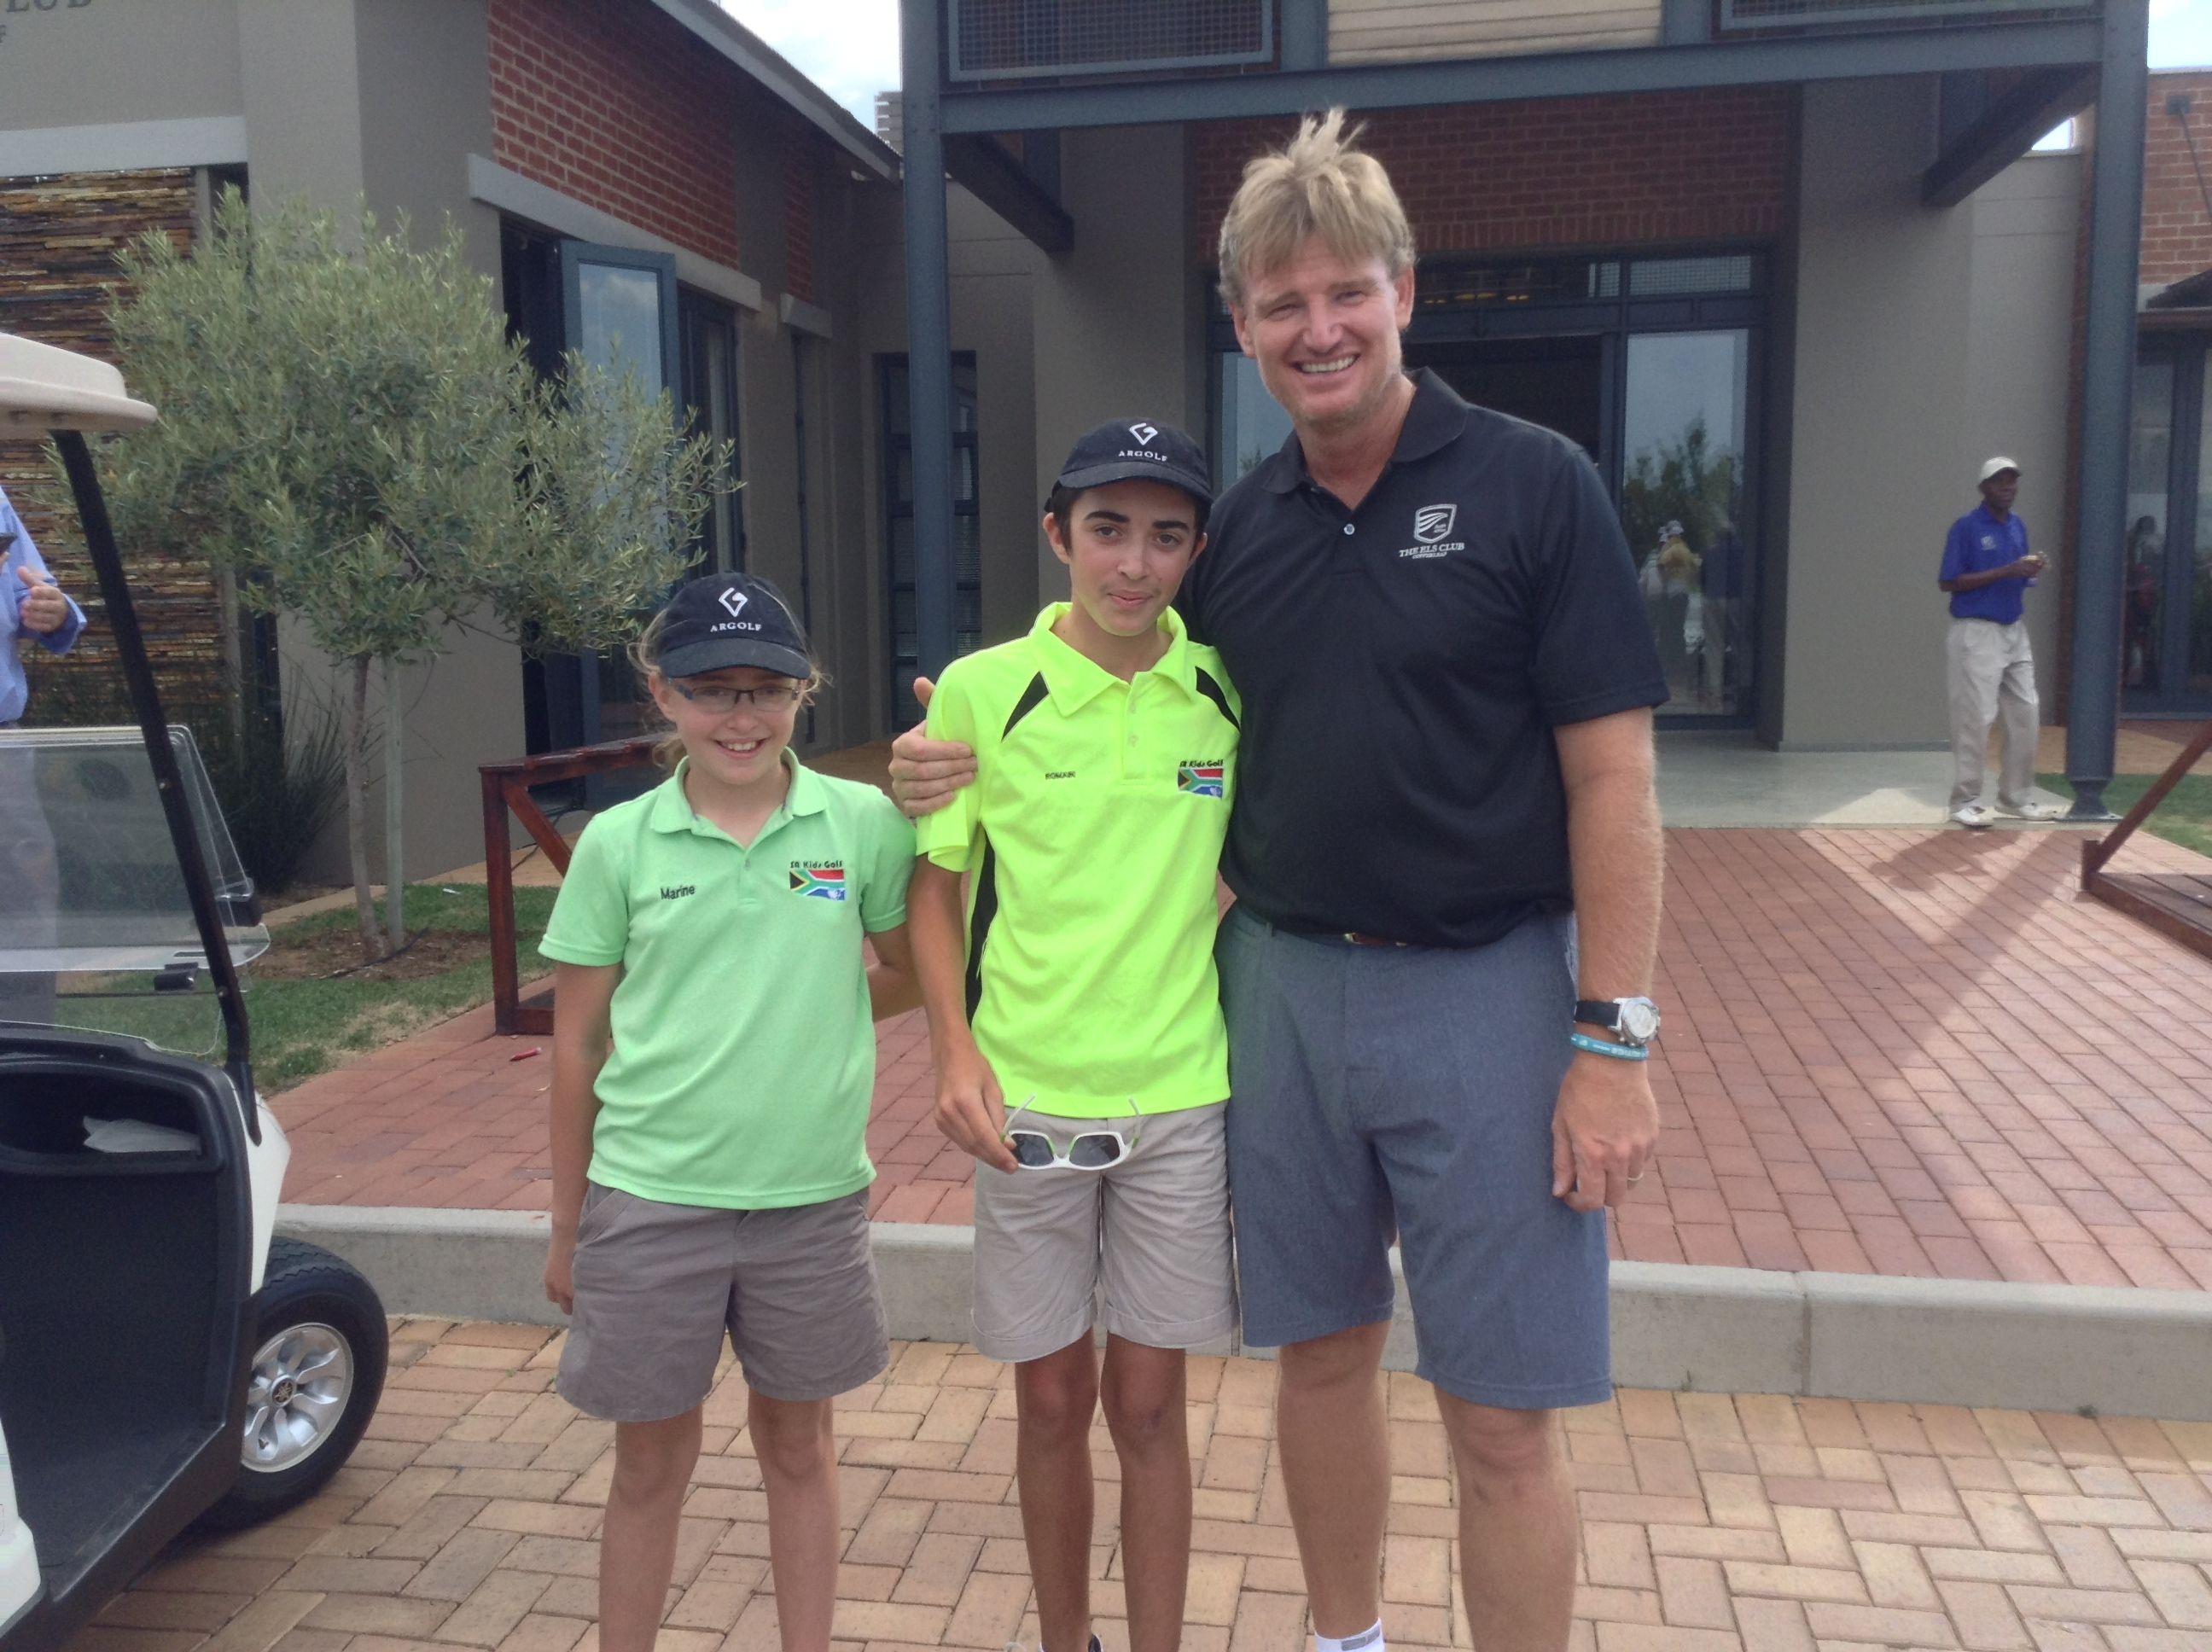 Ernie ELS at his Home golf course Ernie els, Golf